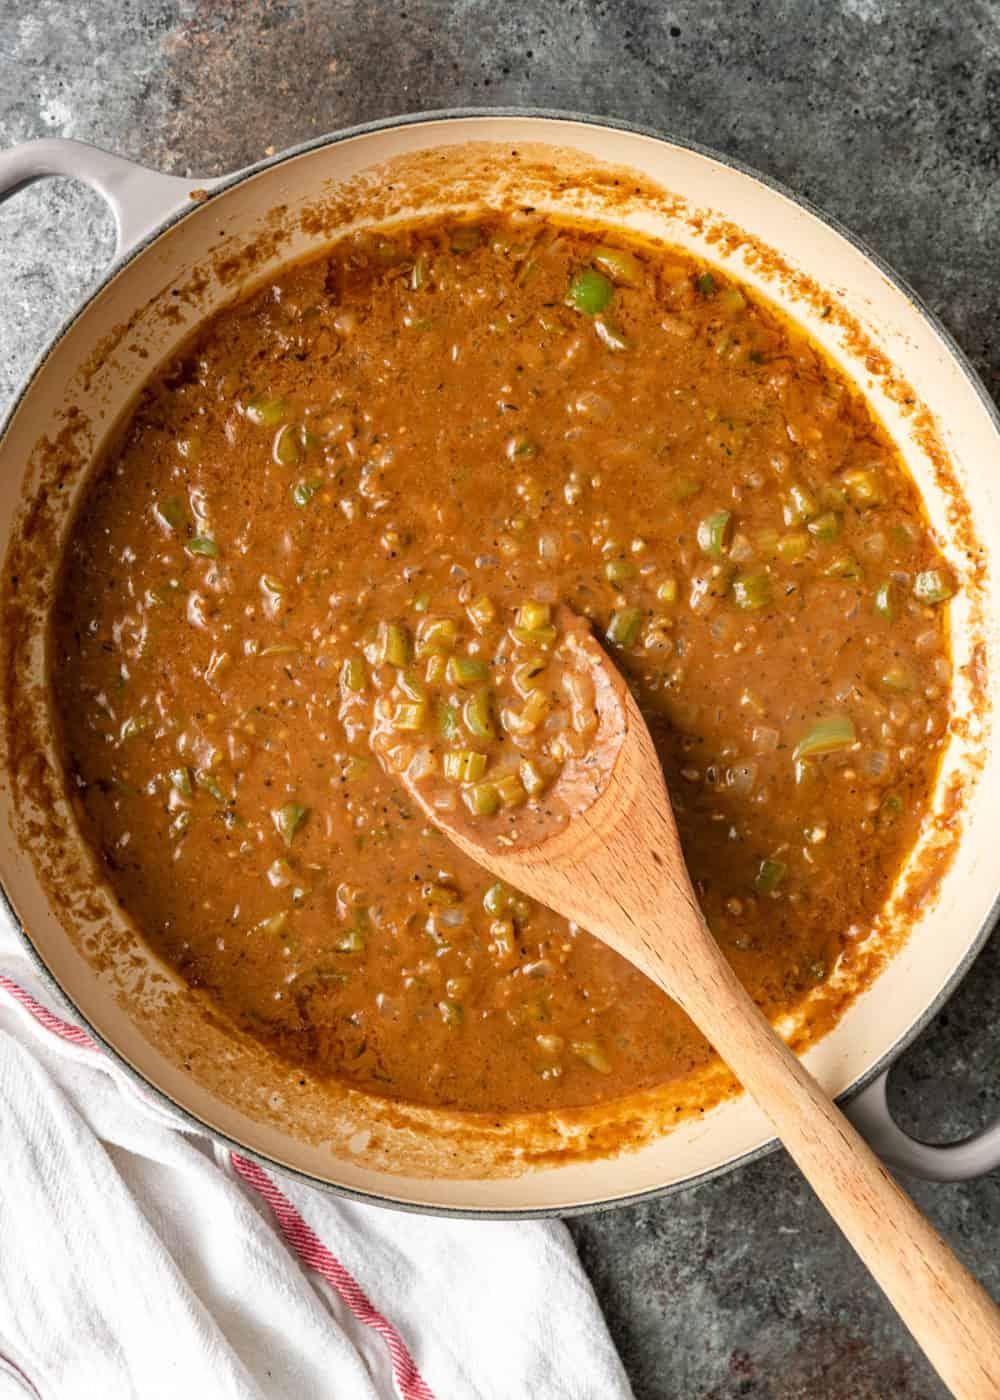 overhead: pot of dark brown, thick Cajun gravy/sauce